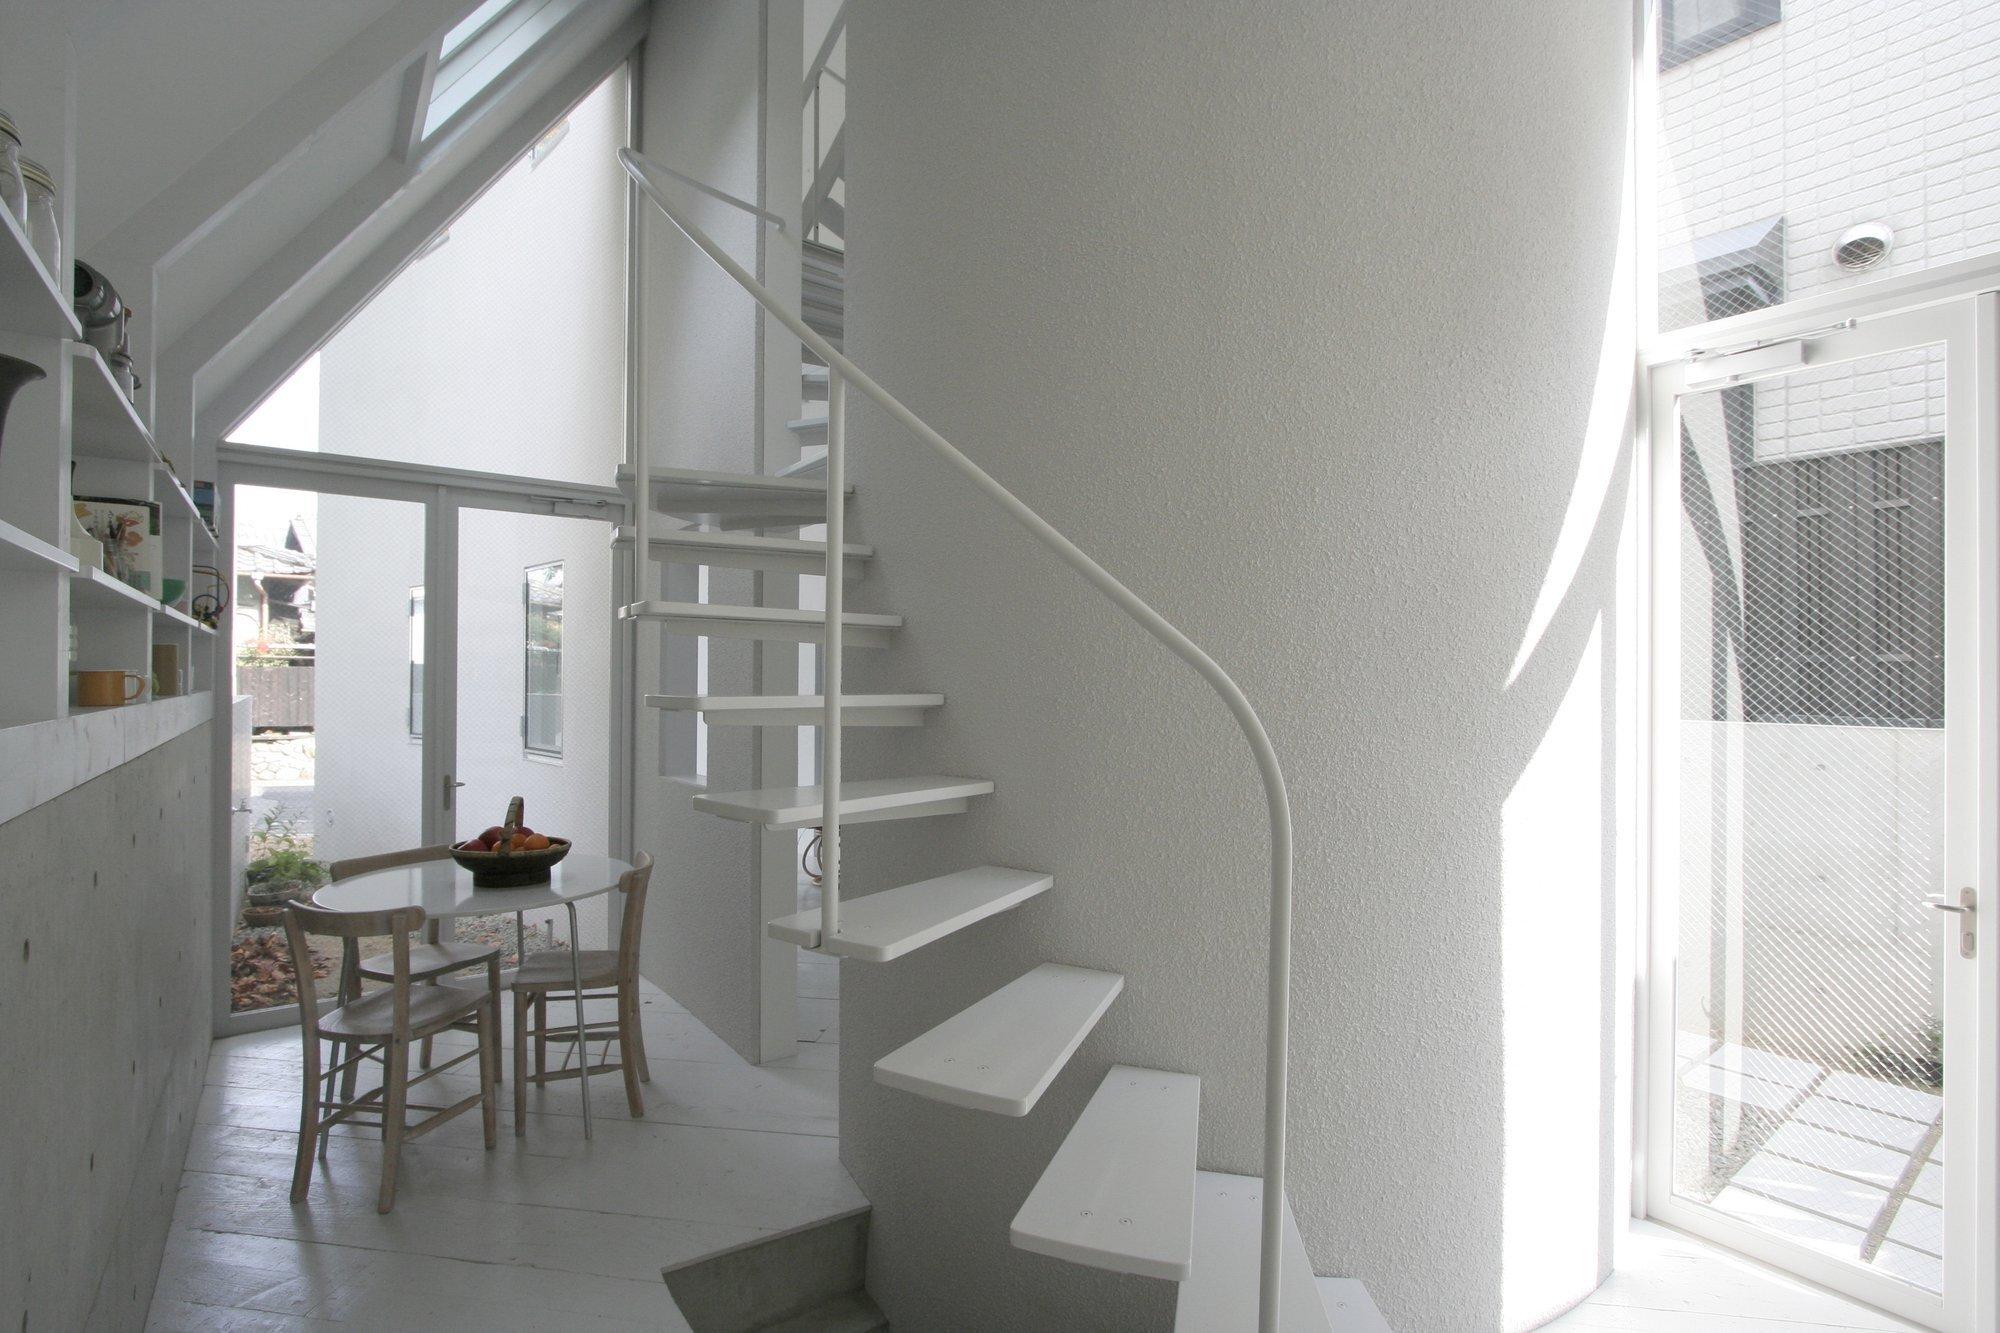 o-house-hideyuki-nakayama-architecture-japan-dining-area-humble-homes